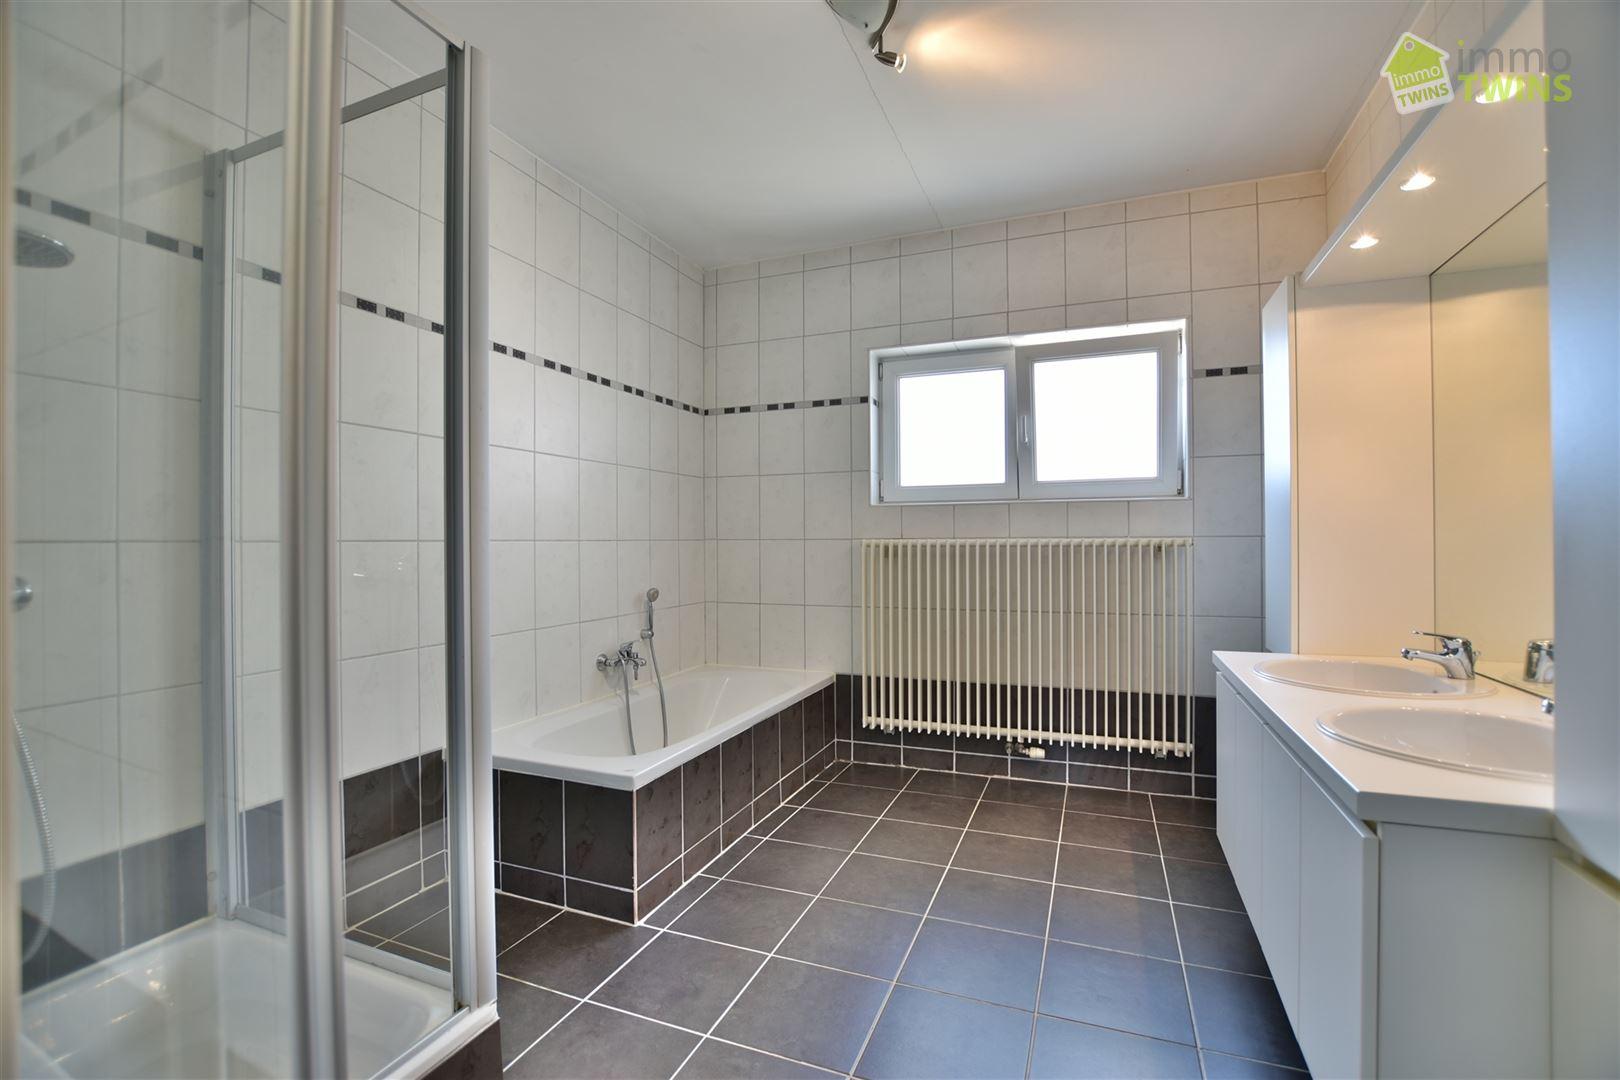 Foto 14 : Appartement te 9200 Sint-Gillis-bij-Dendermonde (België) - Prijs € 219.000